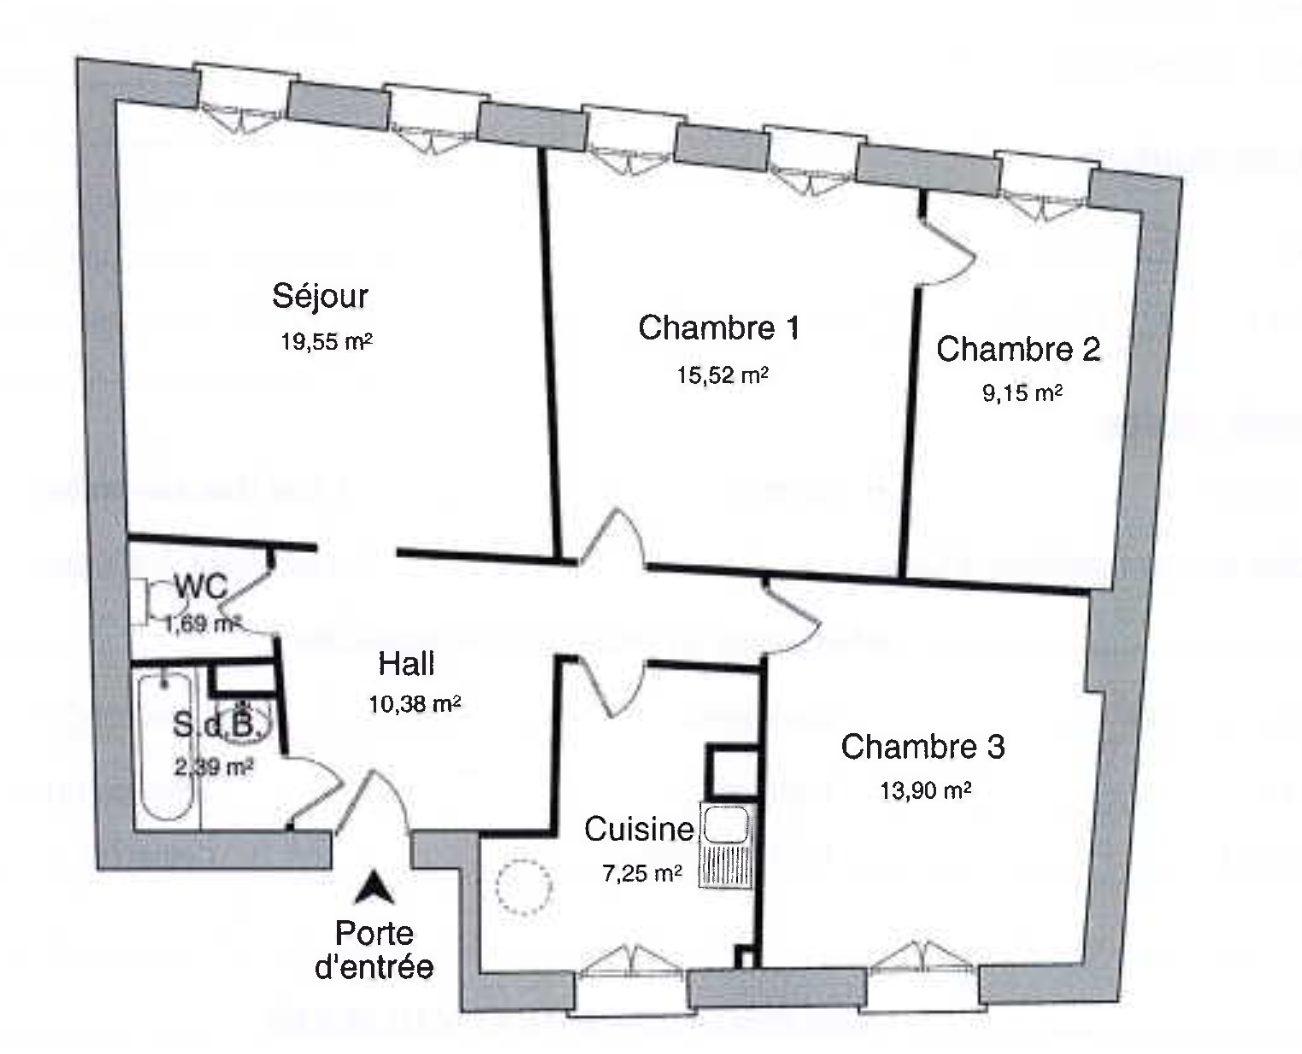 Grand 3 pièces HYPERCENTRE - Devenez locataire en toute sérénité - Bintz Immobilier - 3